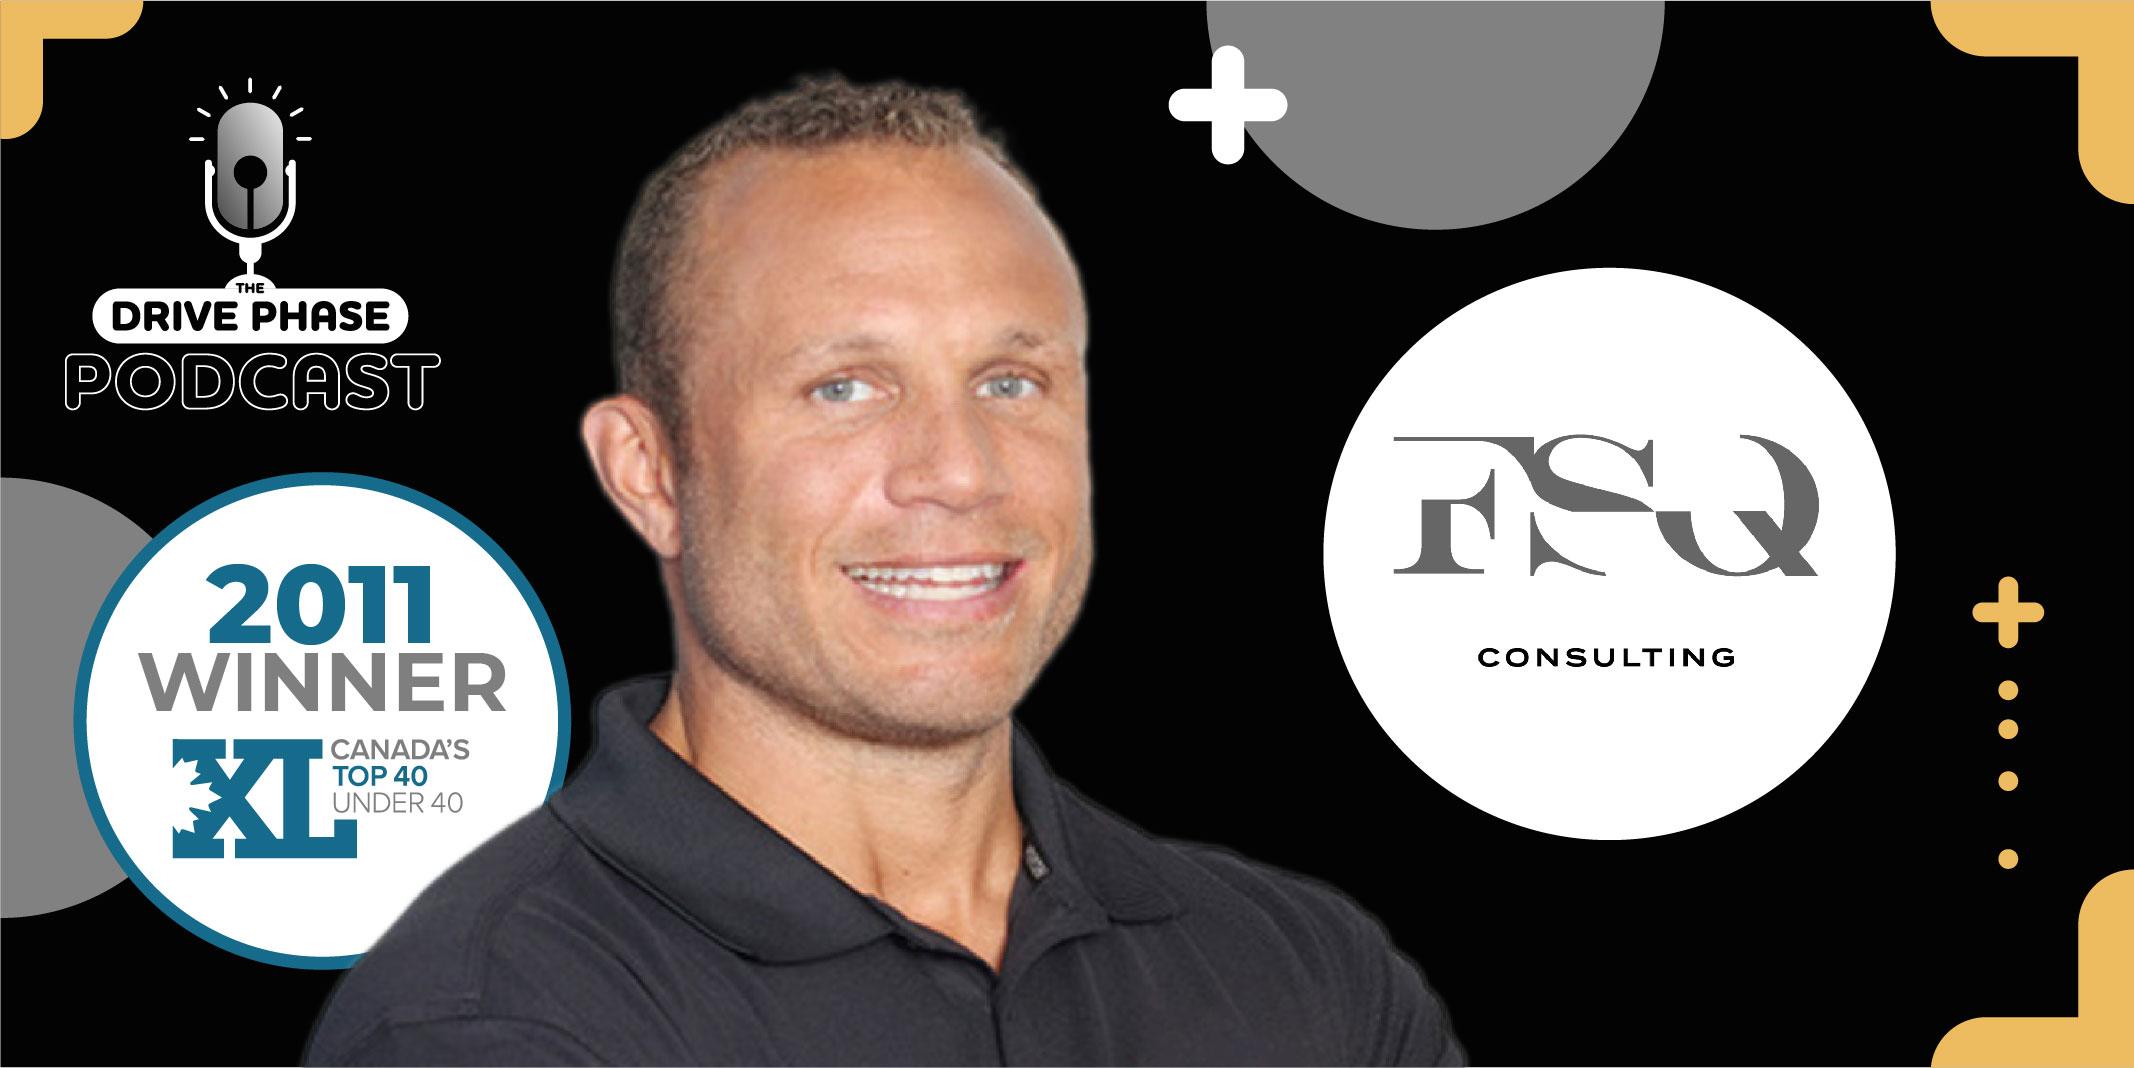 FSQ Consulting